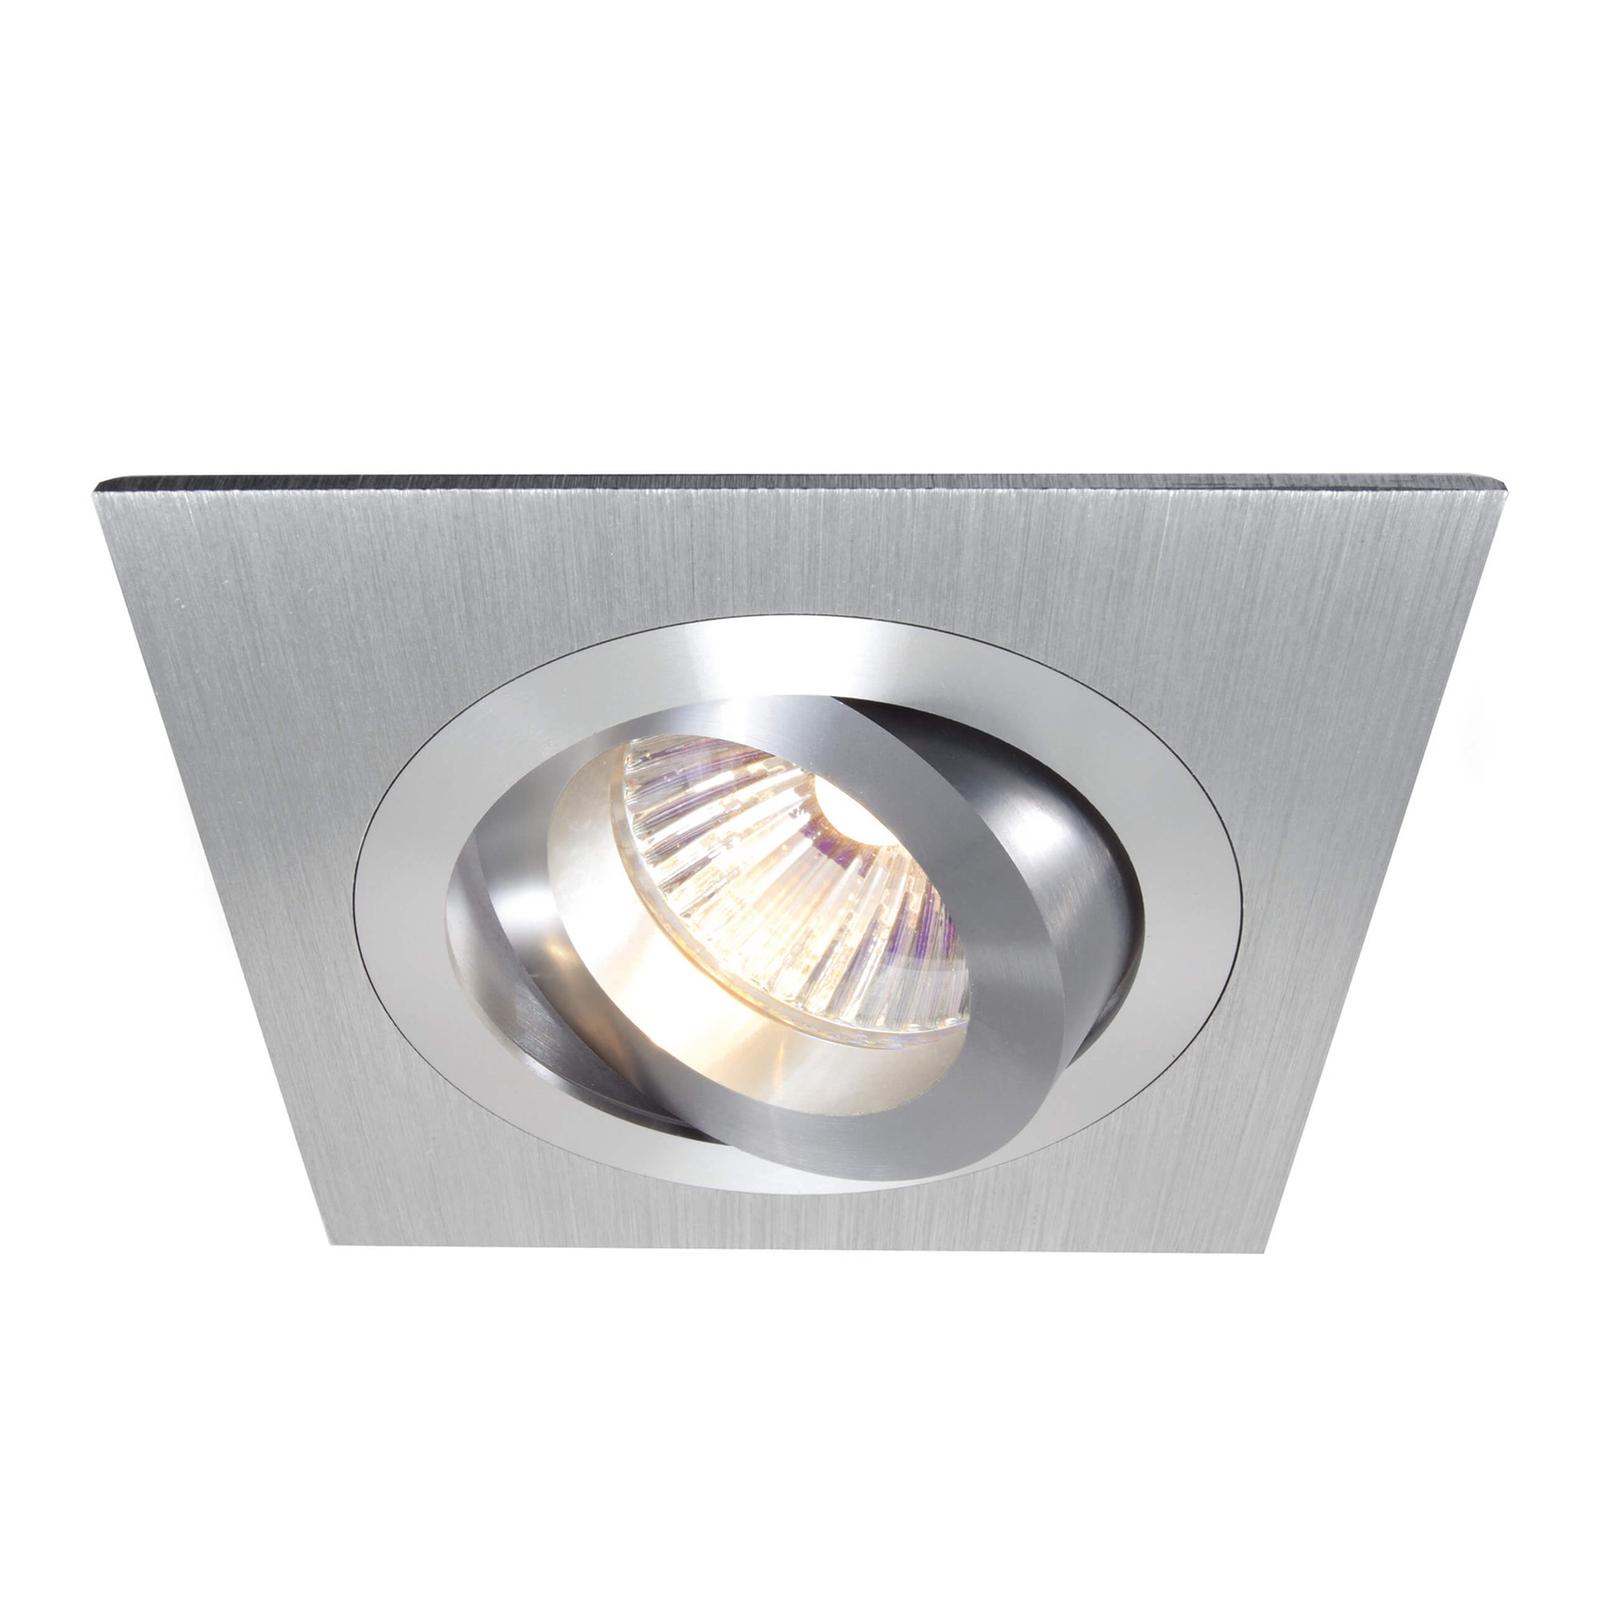 Spot incasso aluminium girevole 9,2x9,2 cm